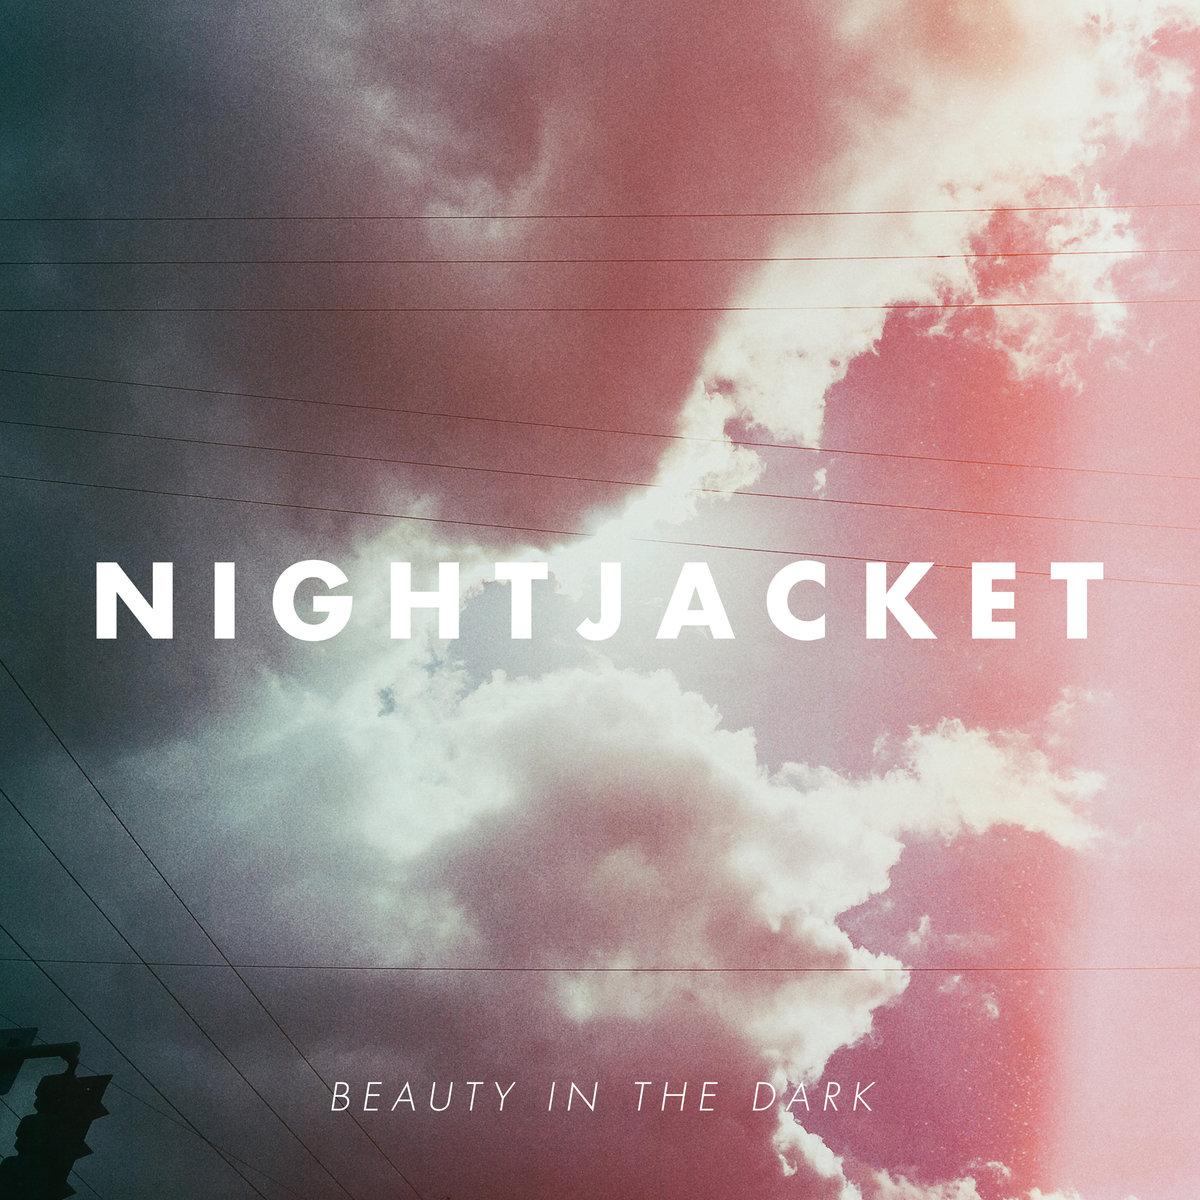 Nightjacket.jpg